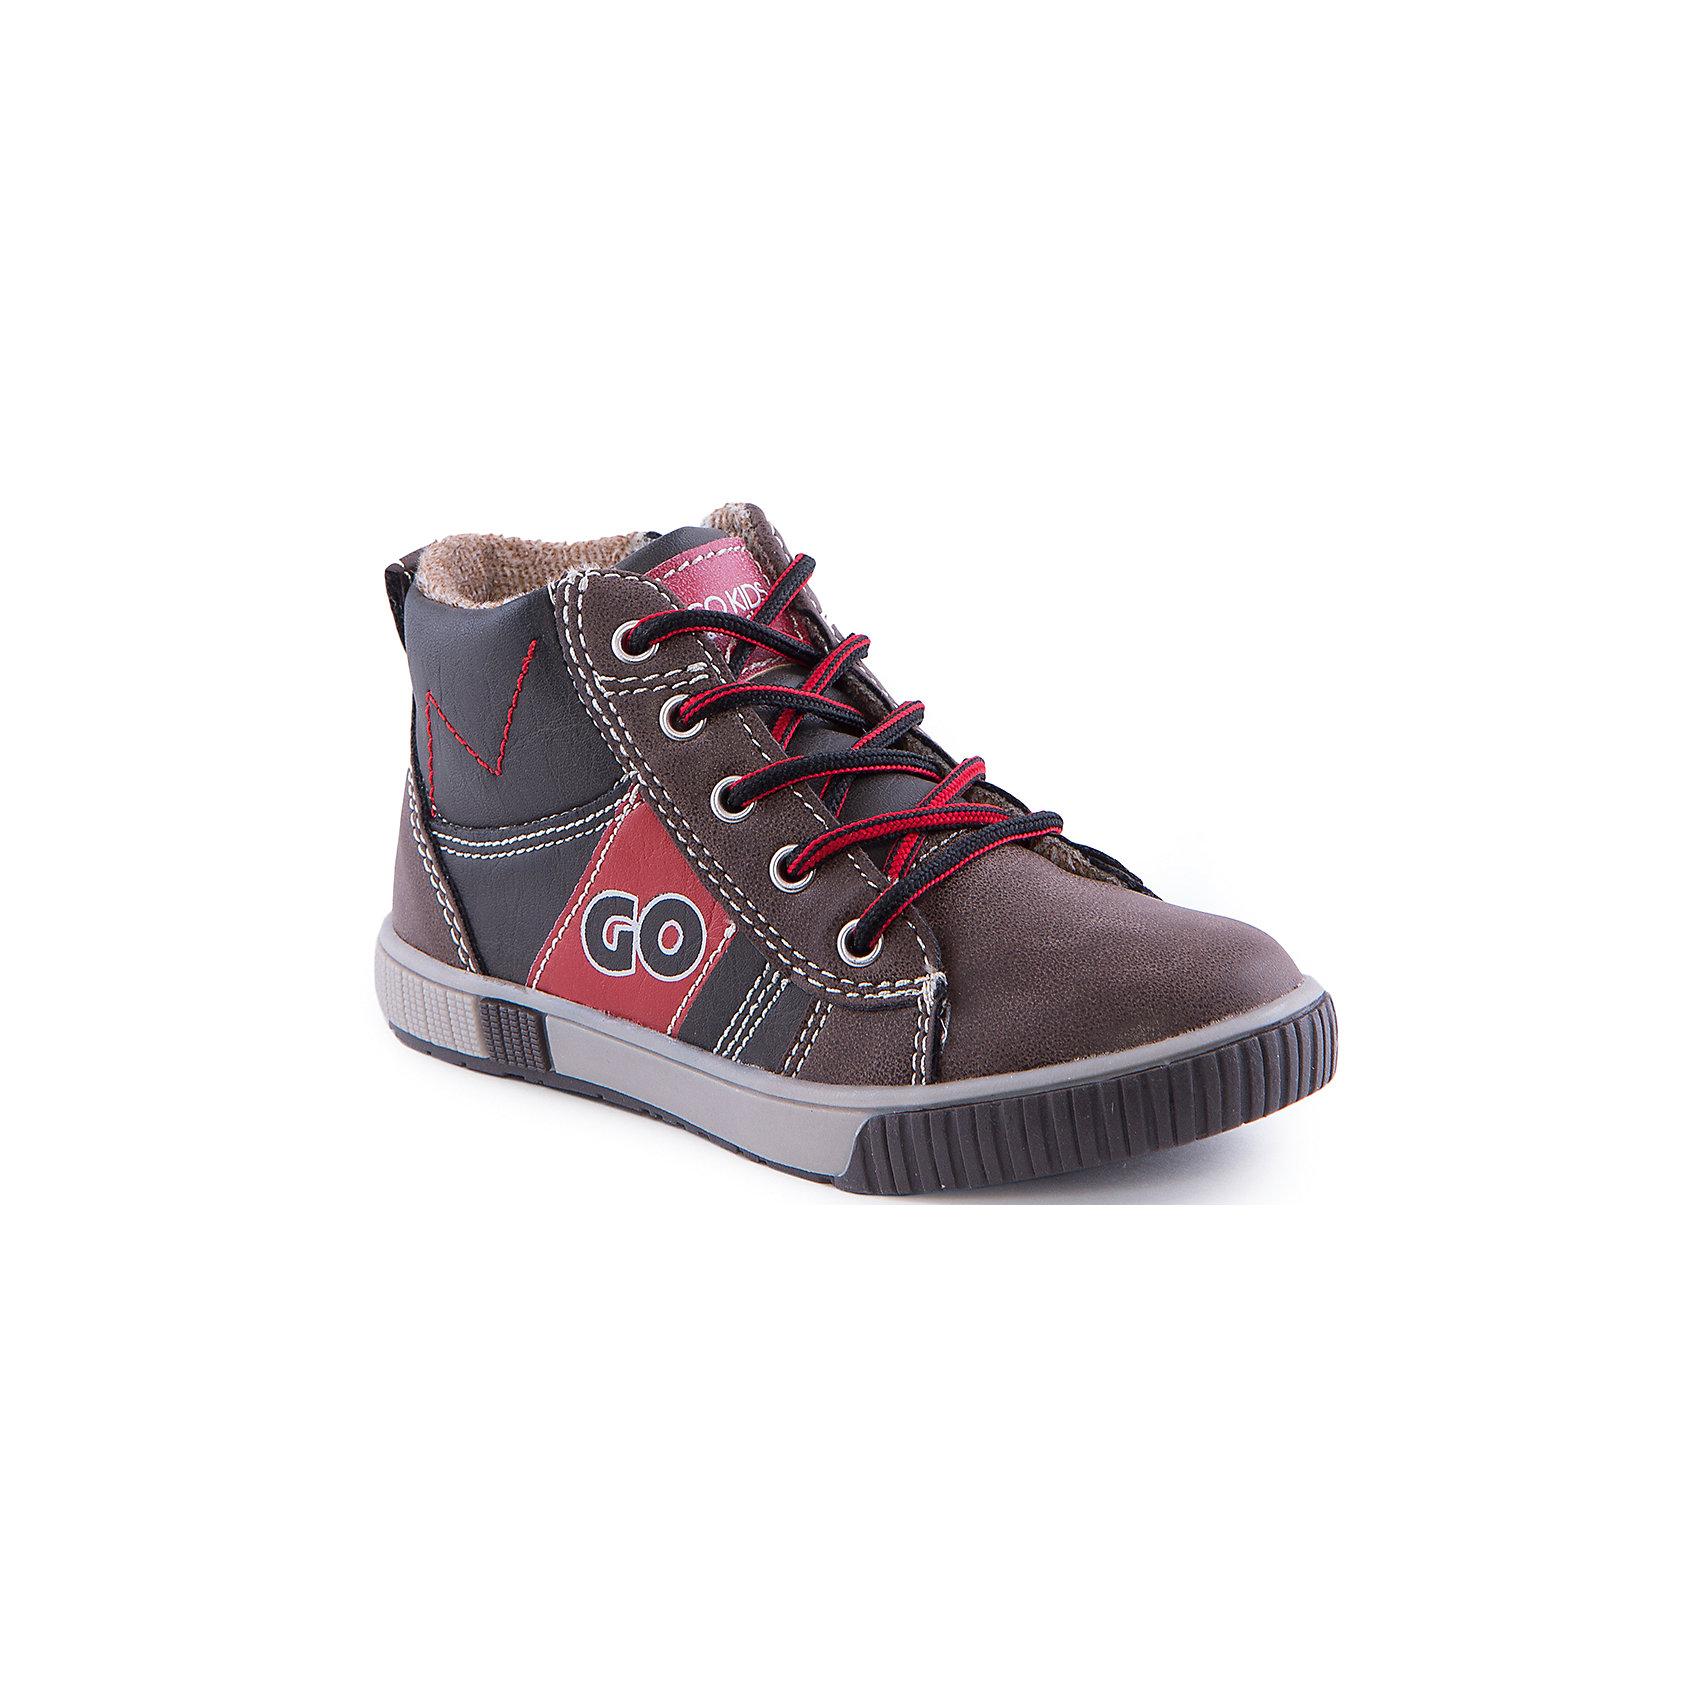 Кеды для мальчика Indigo kidsБотинки для мальчика от известного бренда Indigo kids<br><br>Модные кеды могут быть и очень удобными! Эти удобные кеды легко надеваются благодаря шнуровке и молнии и комфортно садятся по ноге. <br><br>Особенности модели:<br><br>- цвет - коричневый;<br>- стильный дизайн;<br>- удобная колодка;<br>- текстильная подкладка;<br>- украшены контрастной прострочкой и вставками;<br>- устойчивая подошва;<br>- контрастные шнурки;<br>- застежки: шнуровка, молния.<br><br>Дополнительная информация:<br><br>Температурный режим:<br>от +5° С до +20° С<br><br>Состав:<br><br>верх – искусственная кожа;<br>подкладка - текстиль;<br>подошва - ТЭП.<br><br>Ботинки для девочки Indigo kids (Индиго Кидс) можно купить в нашем магазине.<br><br>Ширина мм: 262<br>Глубина мм: 176<br>Высота мм: 97<br>Вес г: 427<br>Цвет: серый<br>Возраст от месяцев: 24<br>Возраст до месяцев: 24<br>Пол: Мужской<br>Возраст: Детский<br>Размер: 25,27,30,29,28,26<br>SKU: 4520202